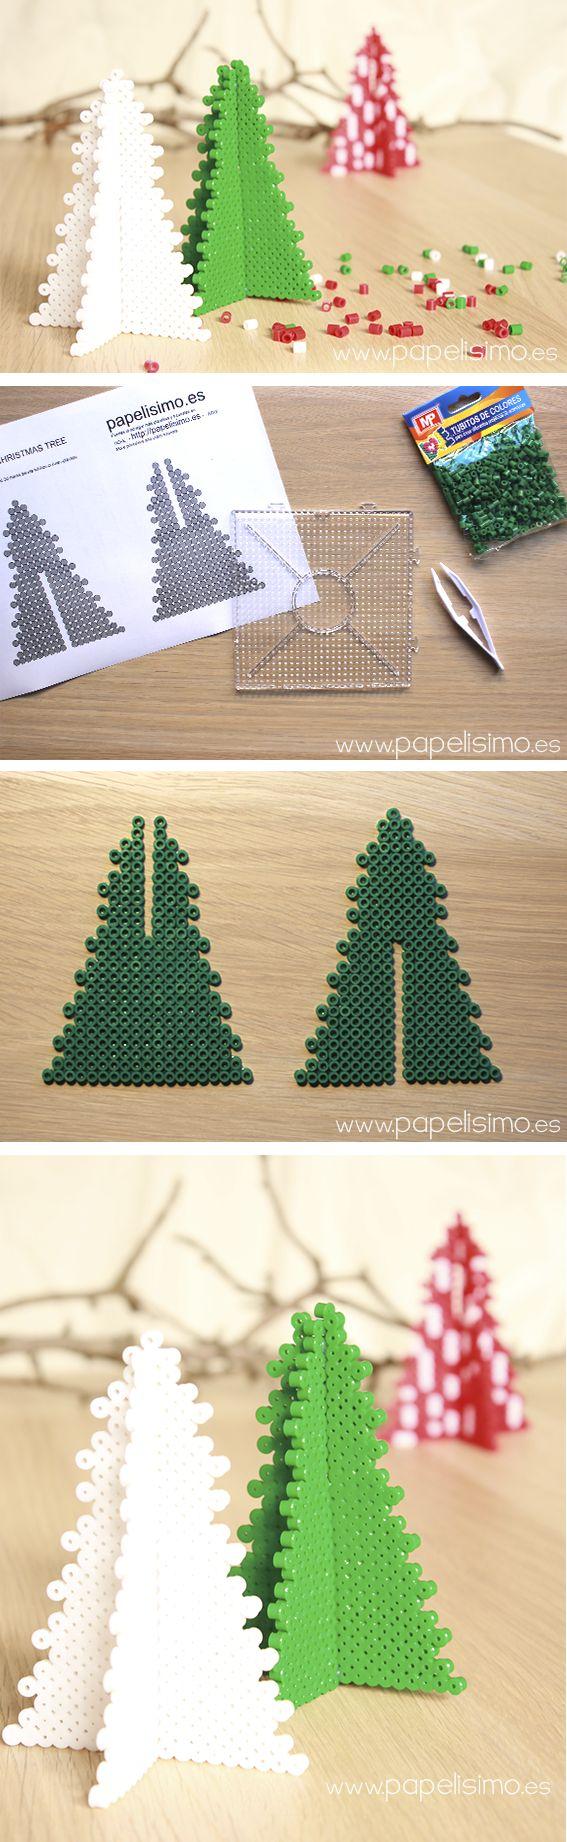 patron como hacer arbol de navidad 3d hama beads